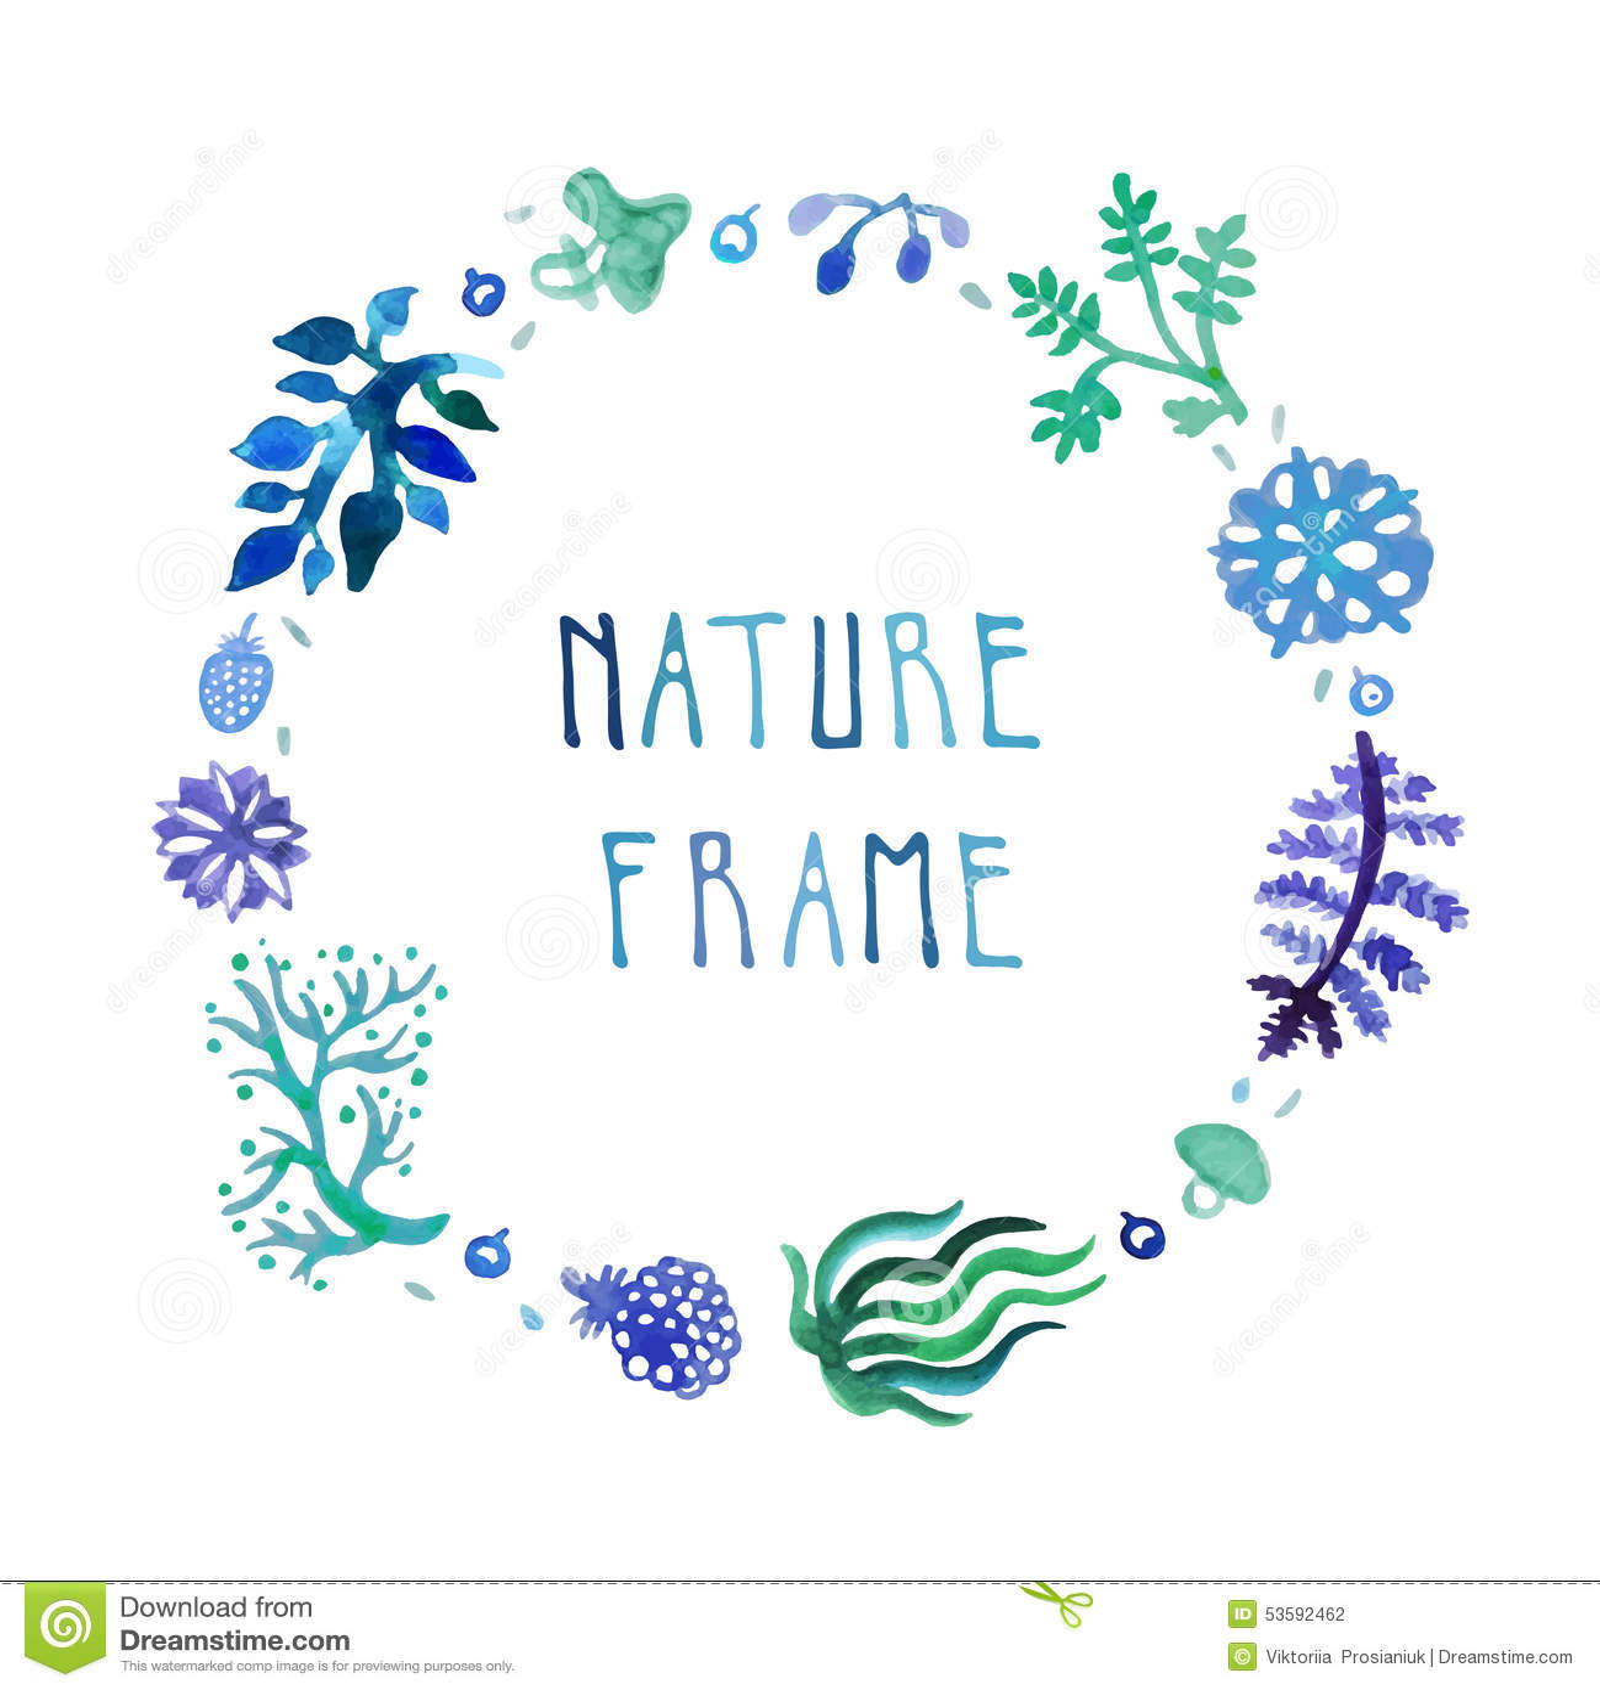 Quadro do vetor da natureza da aquarela com texto escrito à mão com flores, bagas e plantas